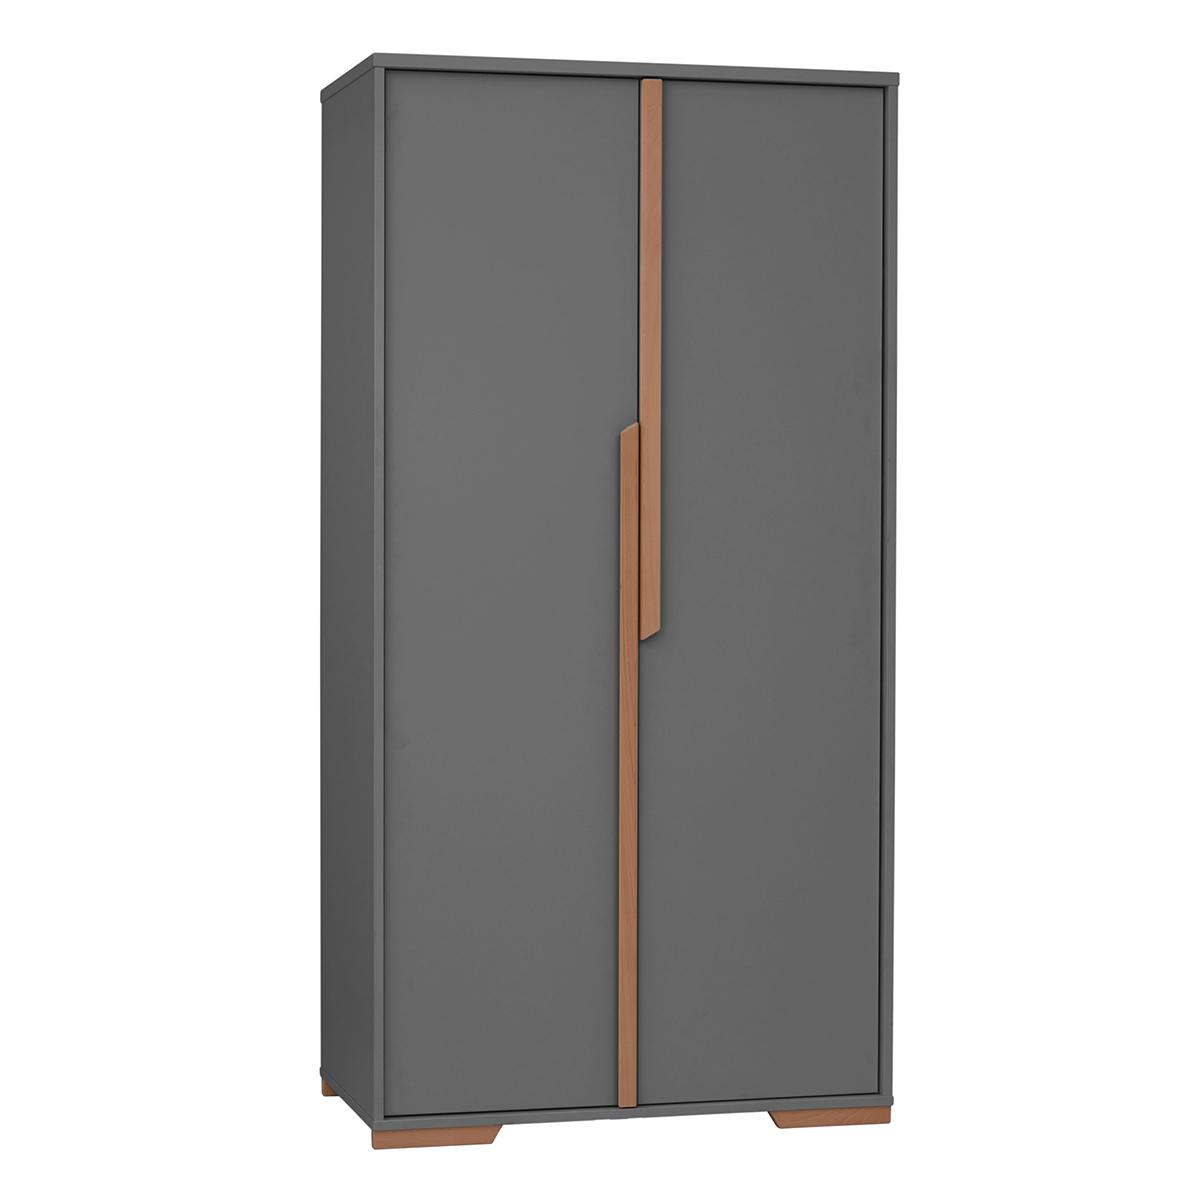 Armoire 2 portes gris bois